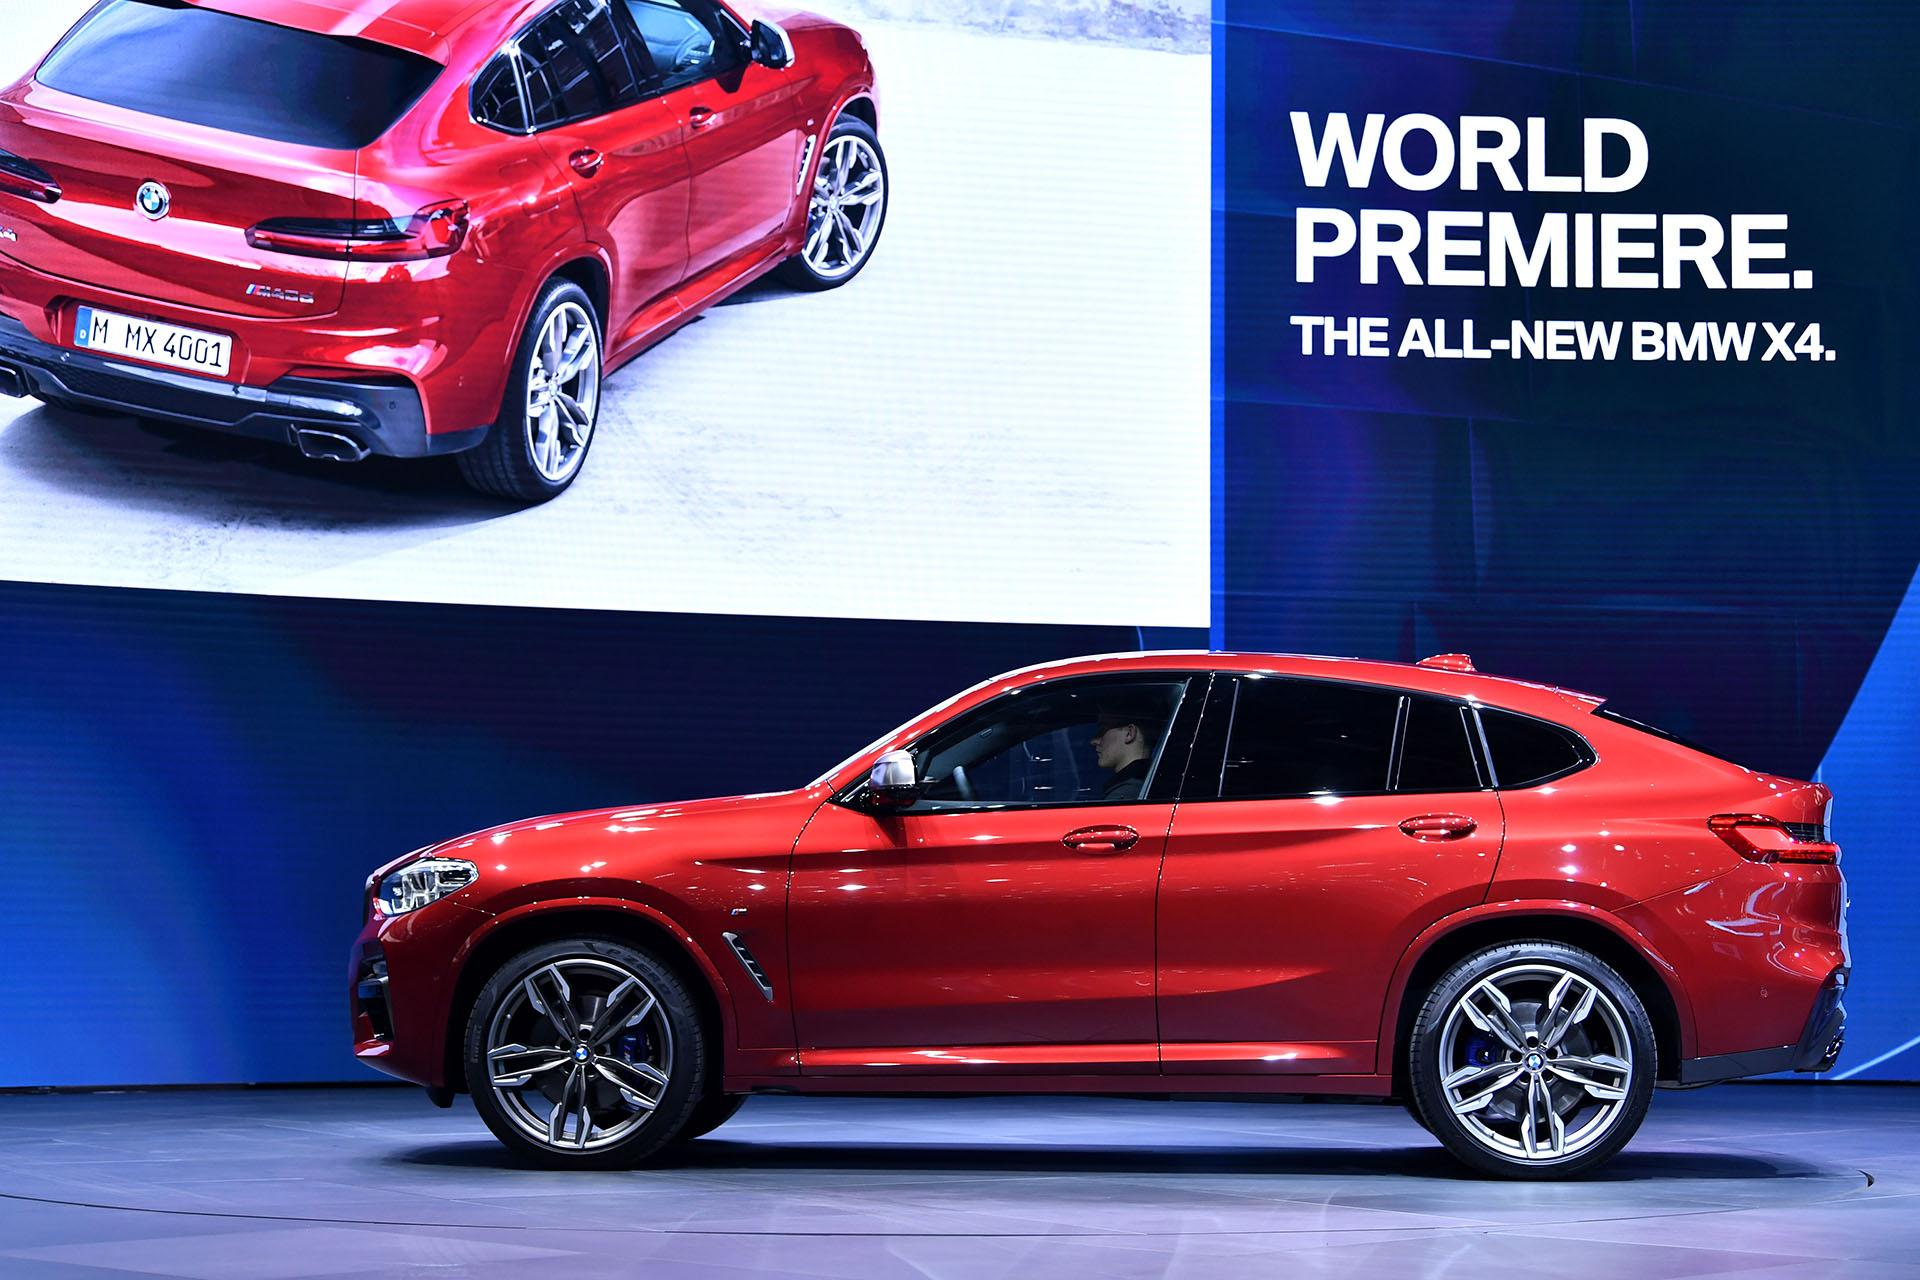 BMW lanzó la segunda generación del X4, el SUV coupé del nivel medio de referencia en el segmento de mayor expansión del mercado. Sin grandes transformaciones, incorpora un diseño más deportivo y audaz con mayor espacio en su interior